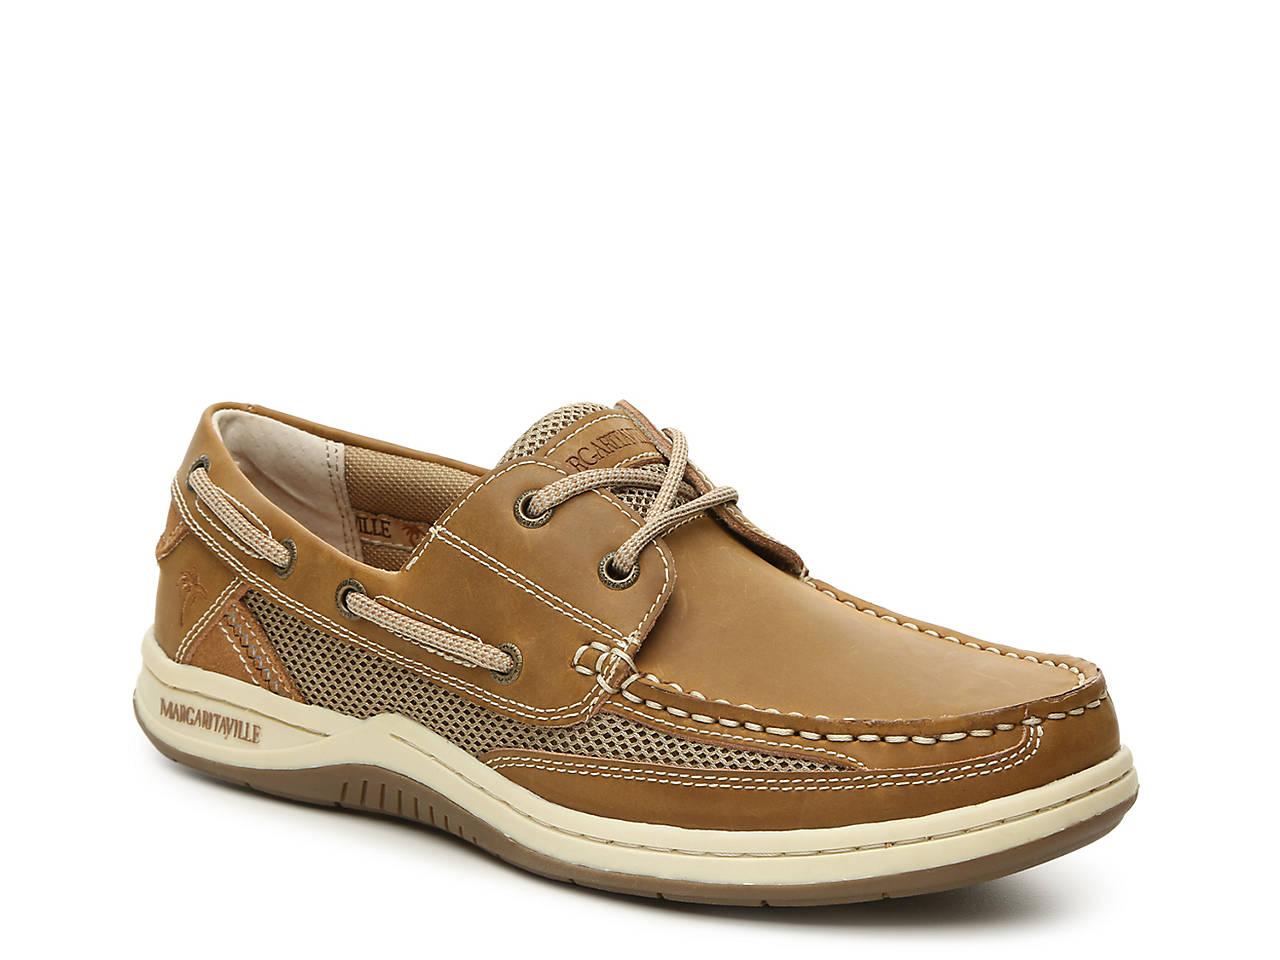 Margaritaville Anchor Boat Shoe jwfV1